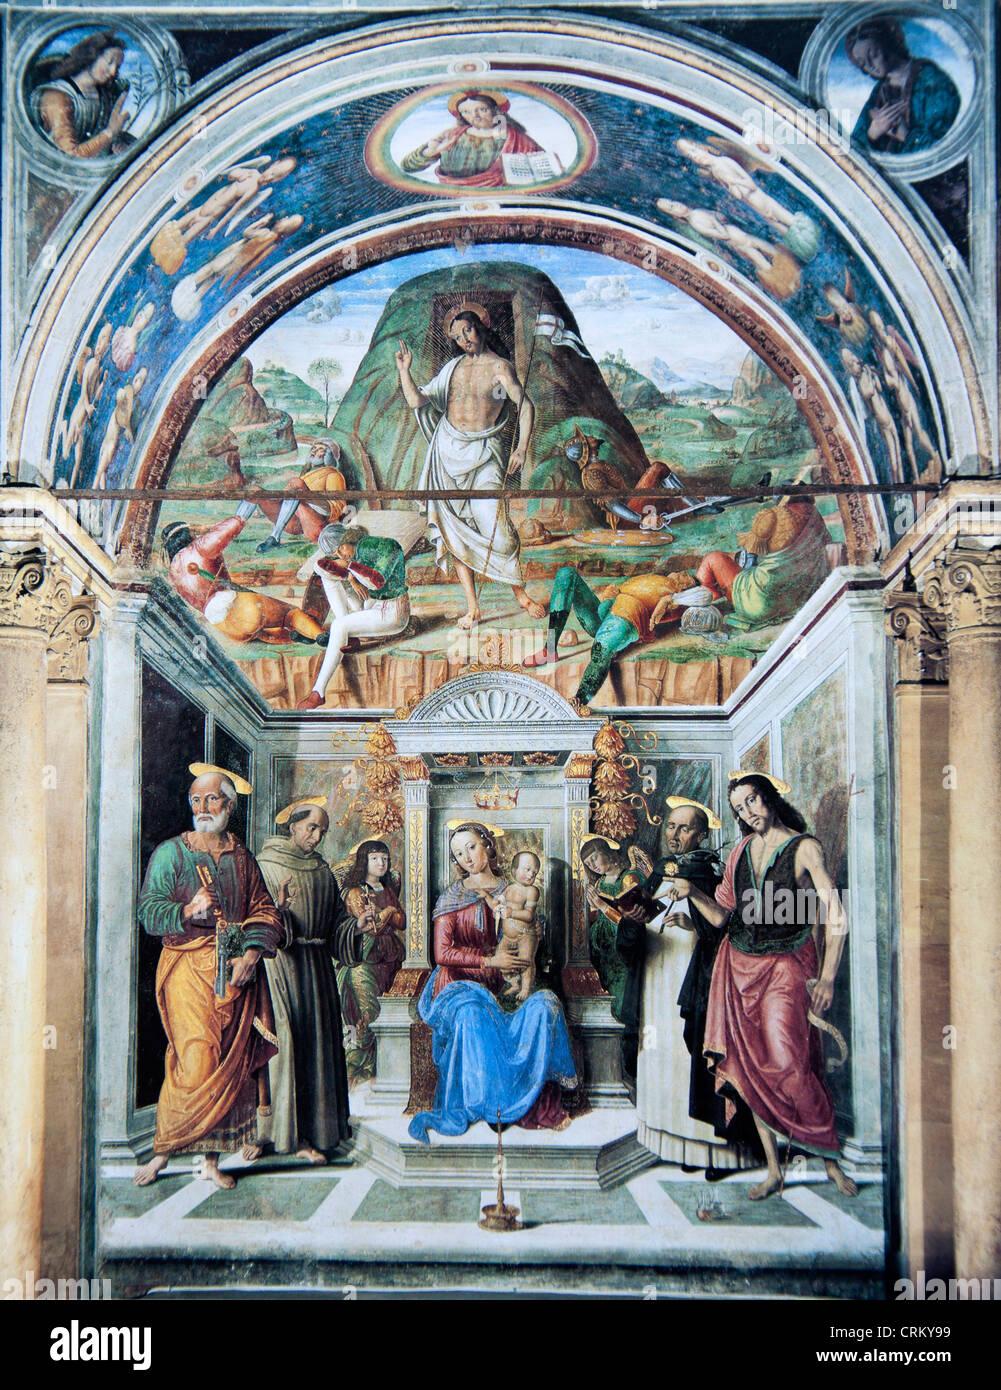 Sacra Conversazione mit der Auferstehung Christi - Raphael Stockbild